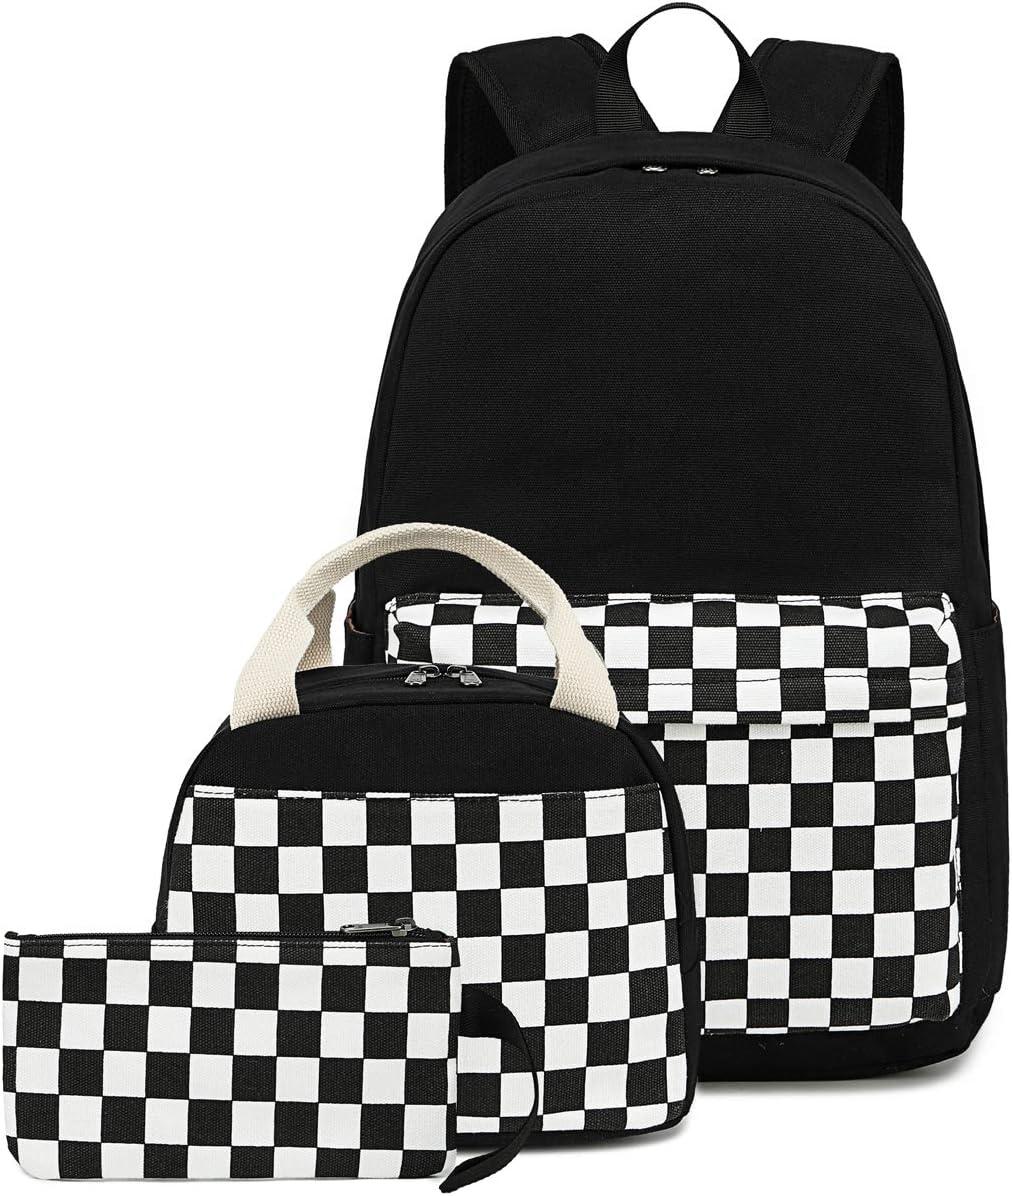 Elephant Teal CAMTOP Backpack for Teens Girls Canvas School Bag Set Laptop Bag College Bookbag